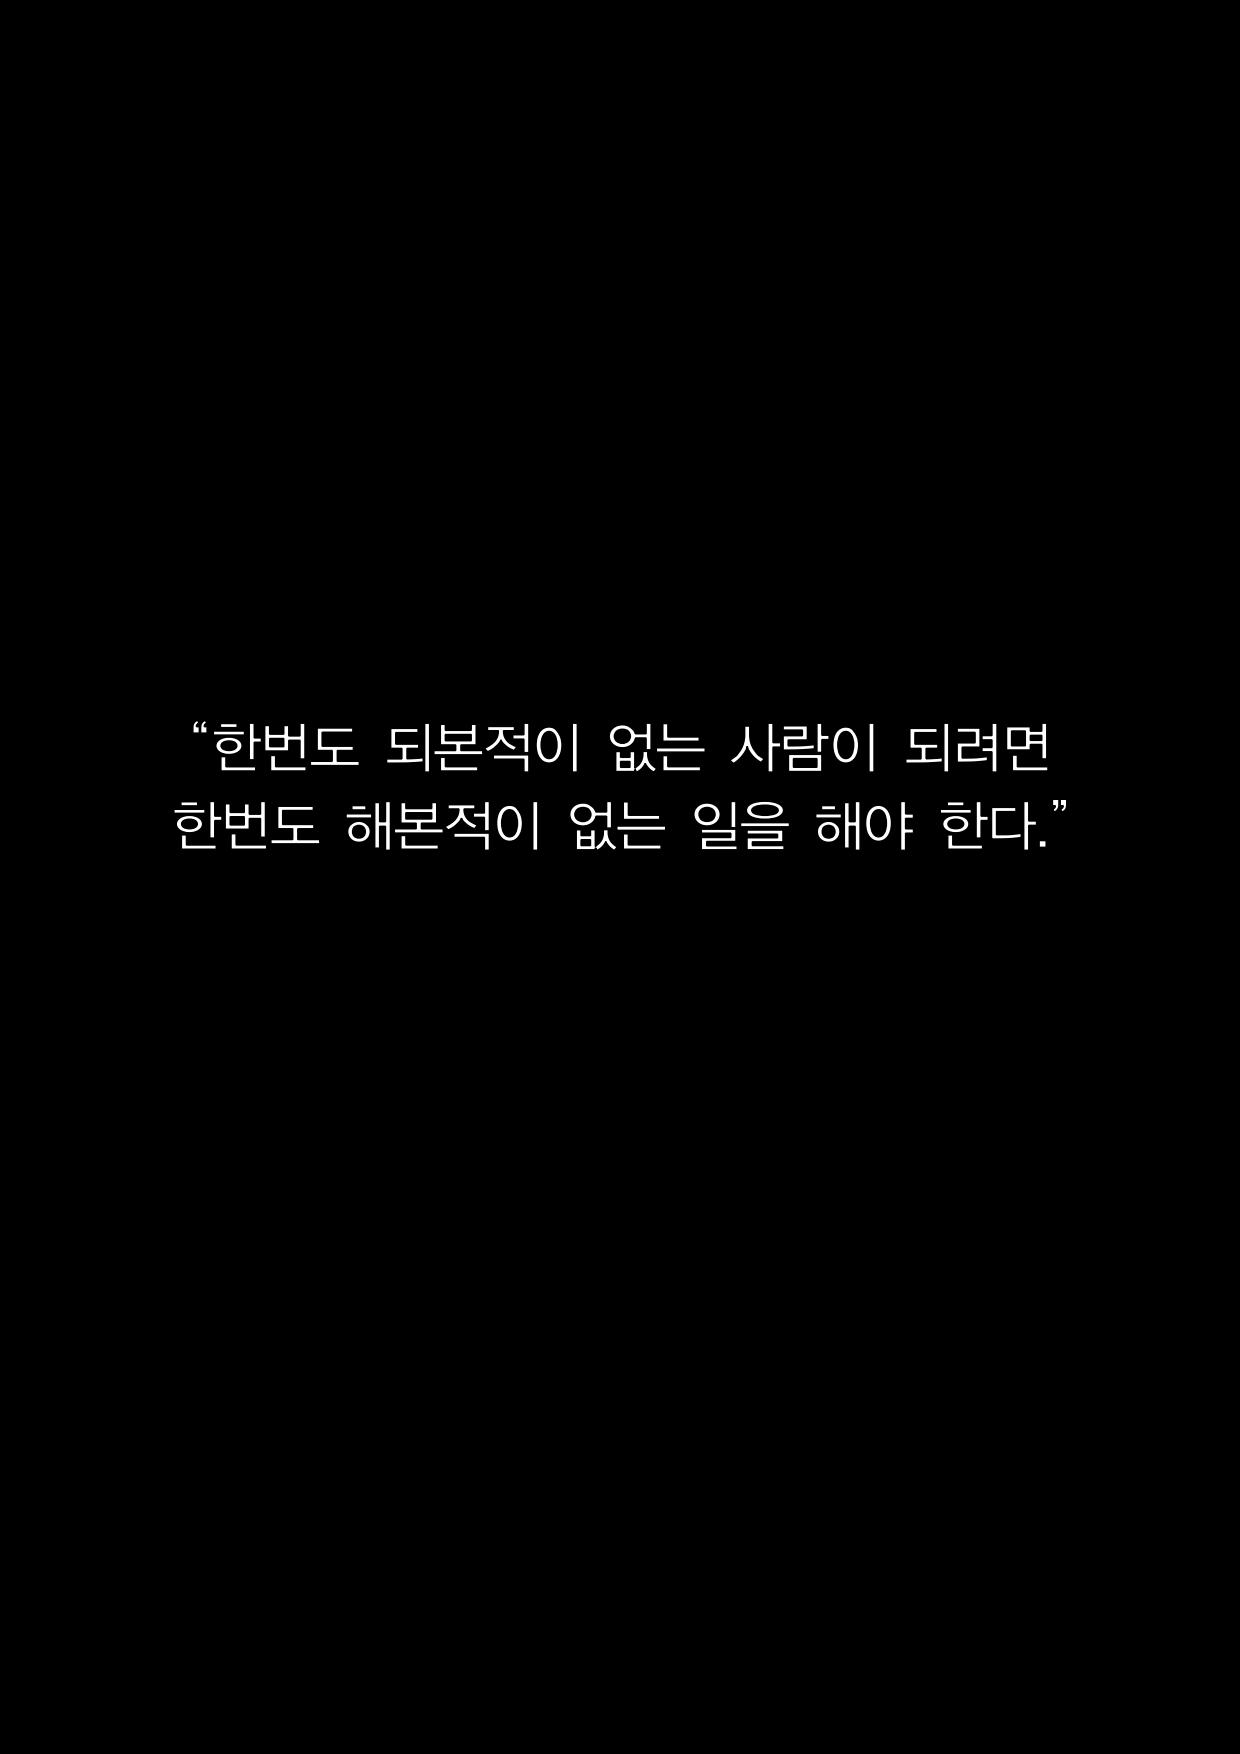 본 머티리어 1회차 홍보글 v3(수강후기 따로 편집요함)_43.png